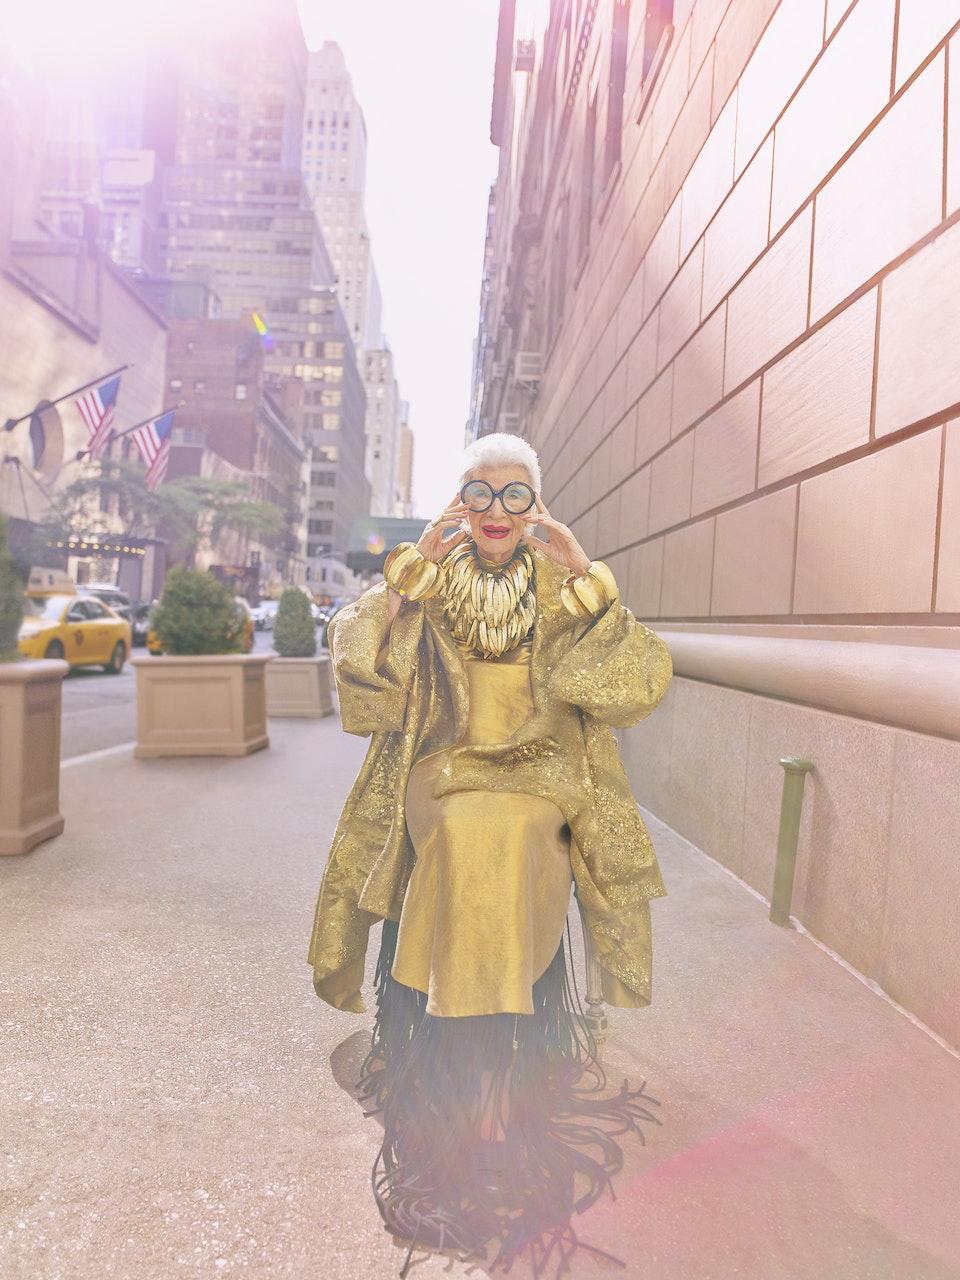 Iris Apfel for Vogue